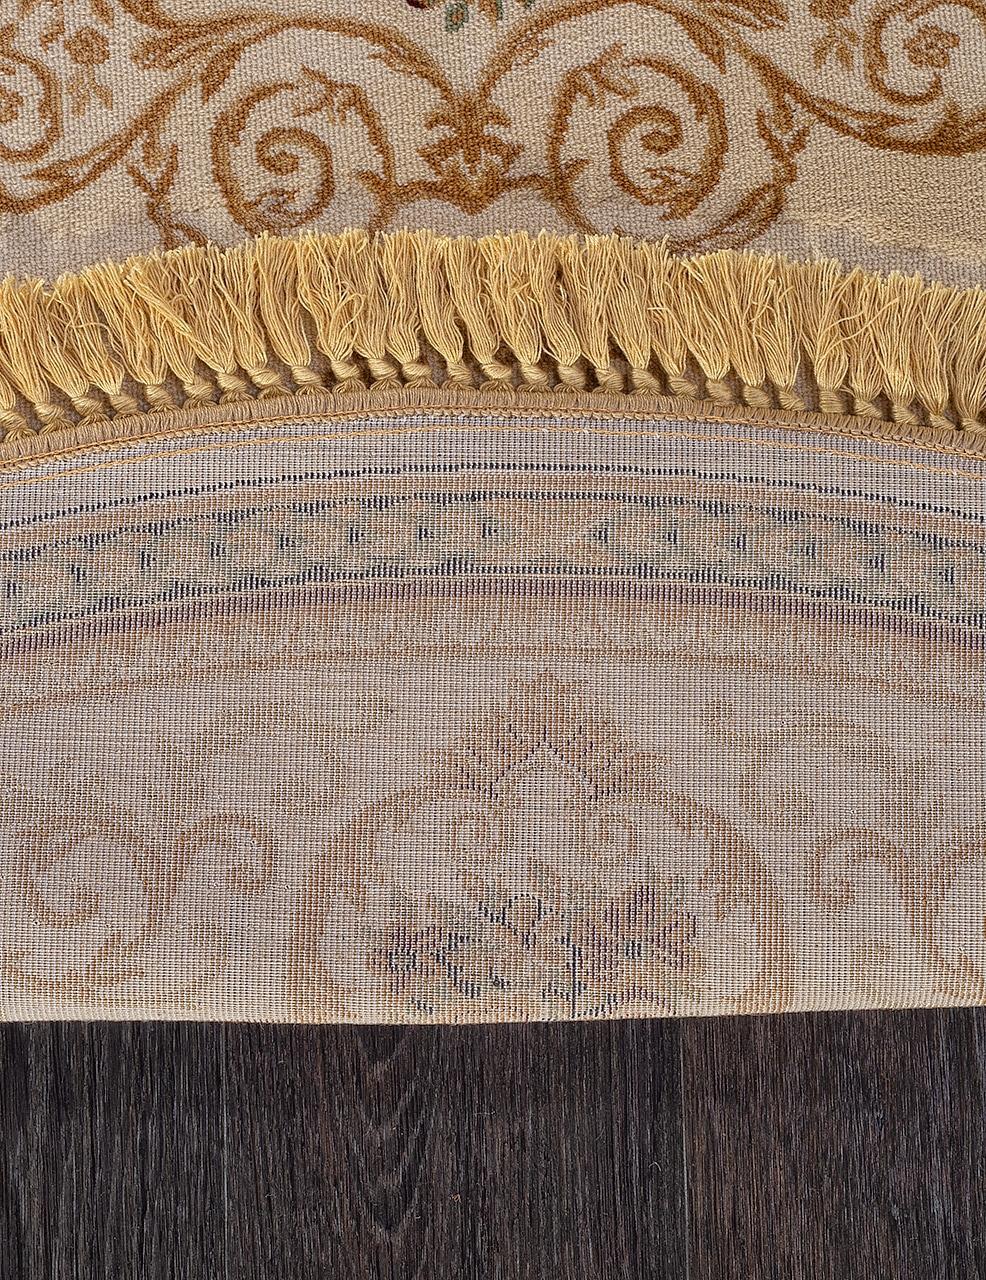 Ковер d058 - CREAM - Овал - коллекция BUHARA - фото 4